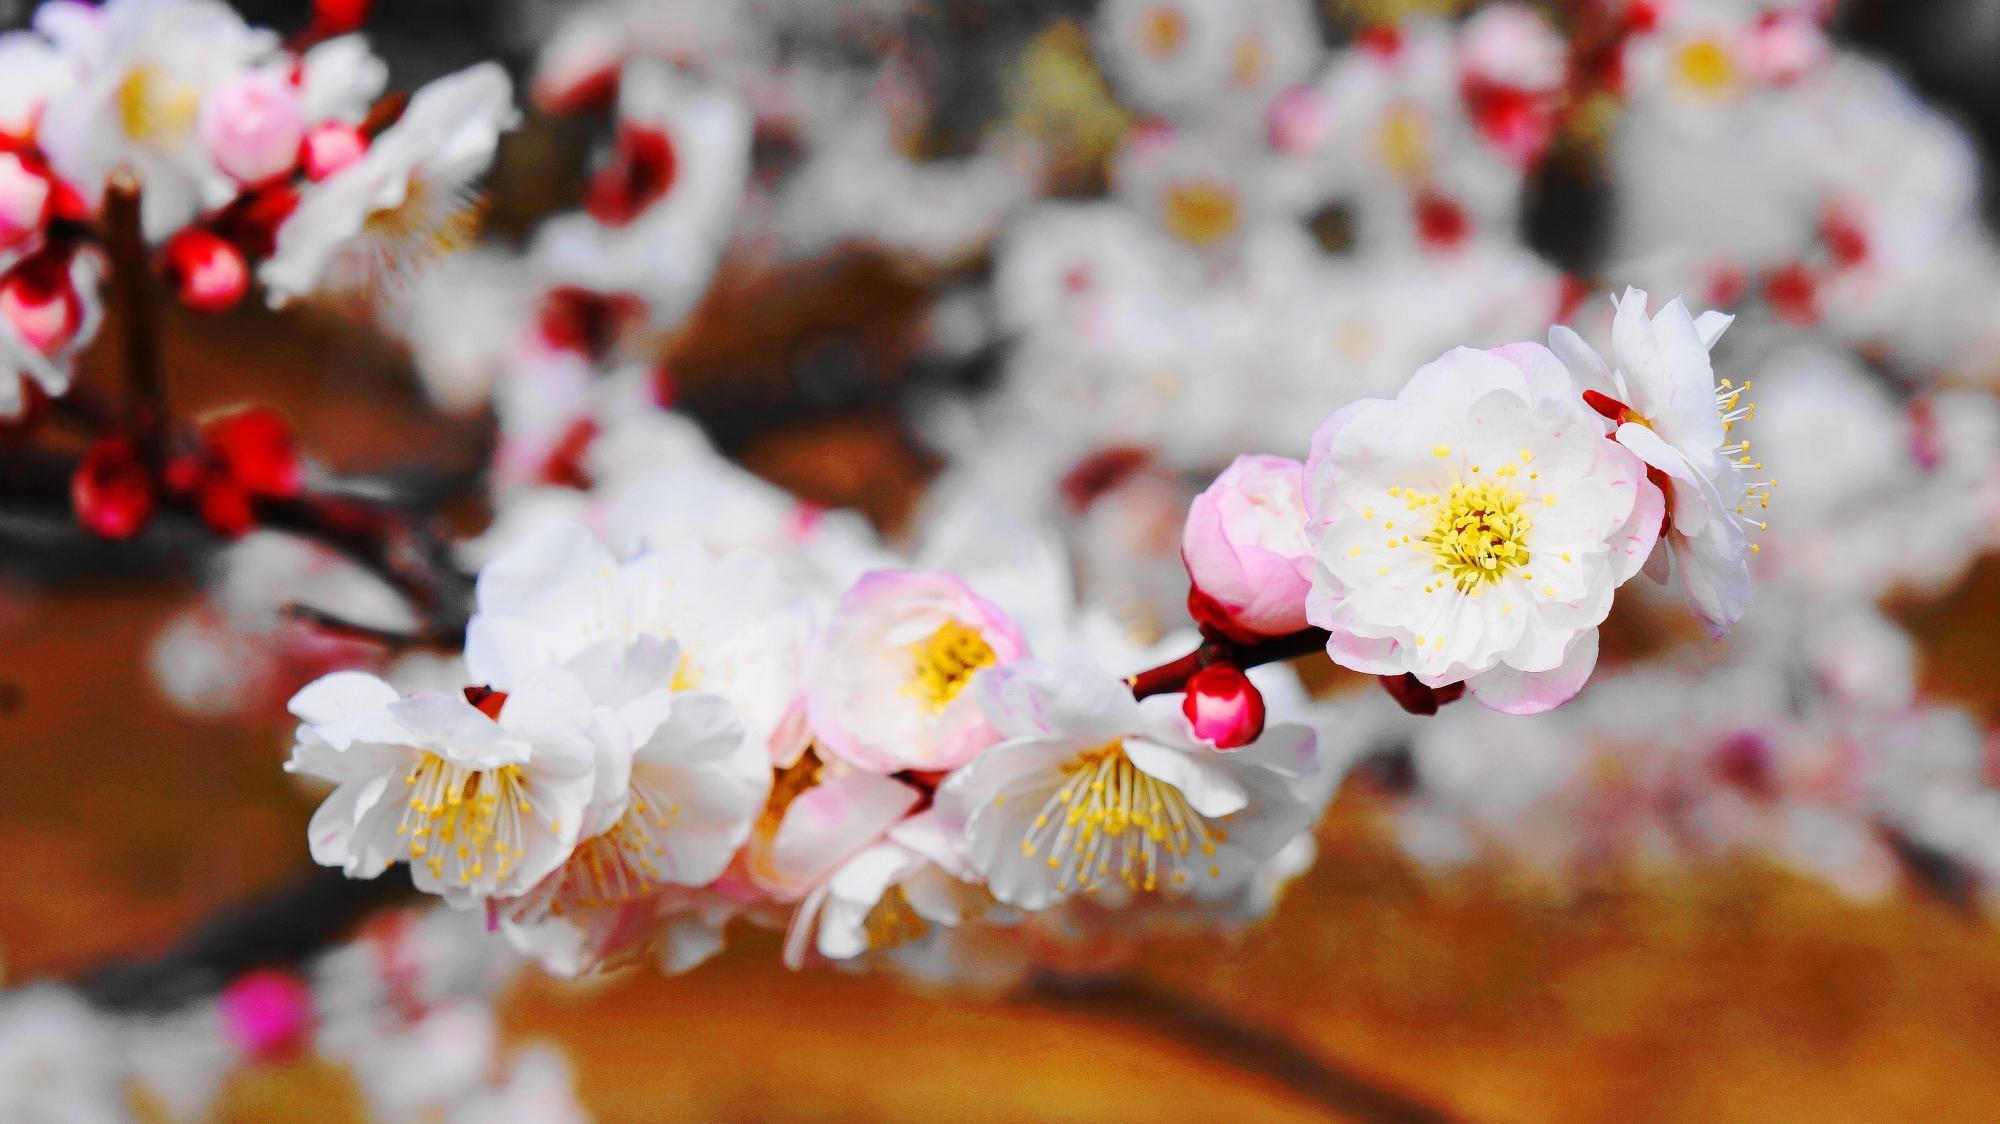 一つの枝に白やピンクの花が混ざって咲く梅